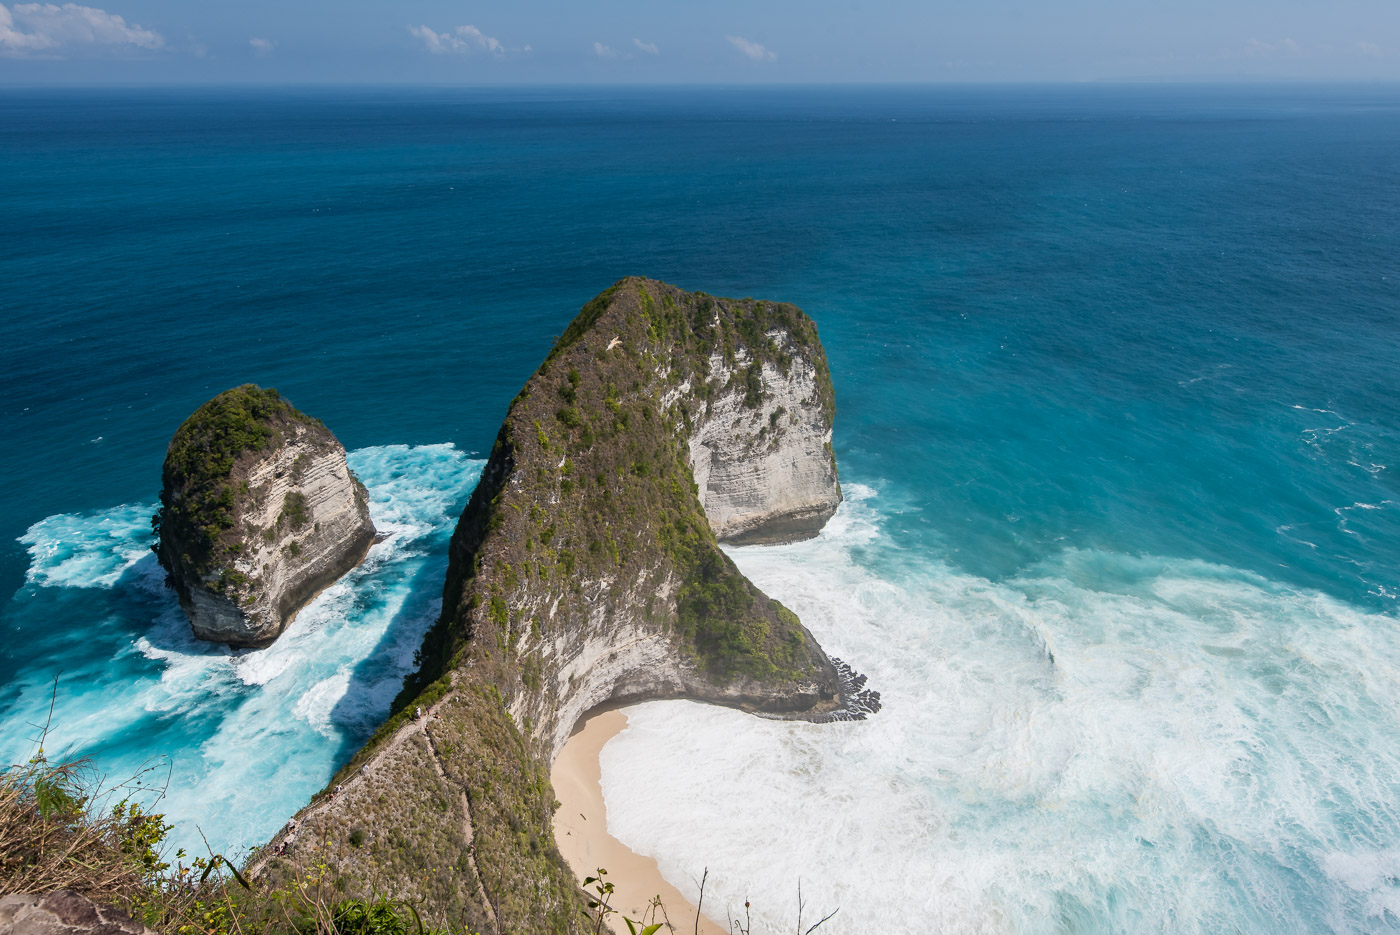 bezienswaardigheden Bali reisroute